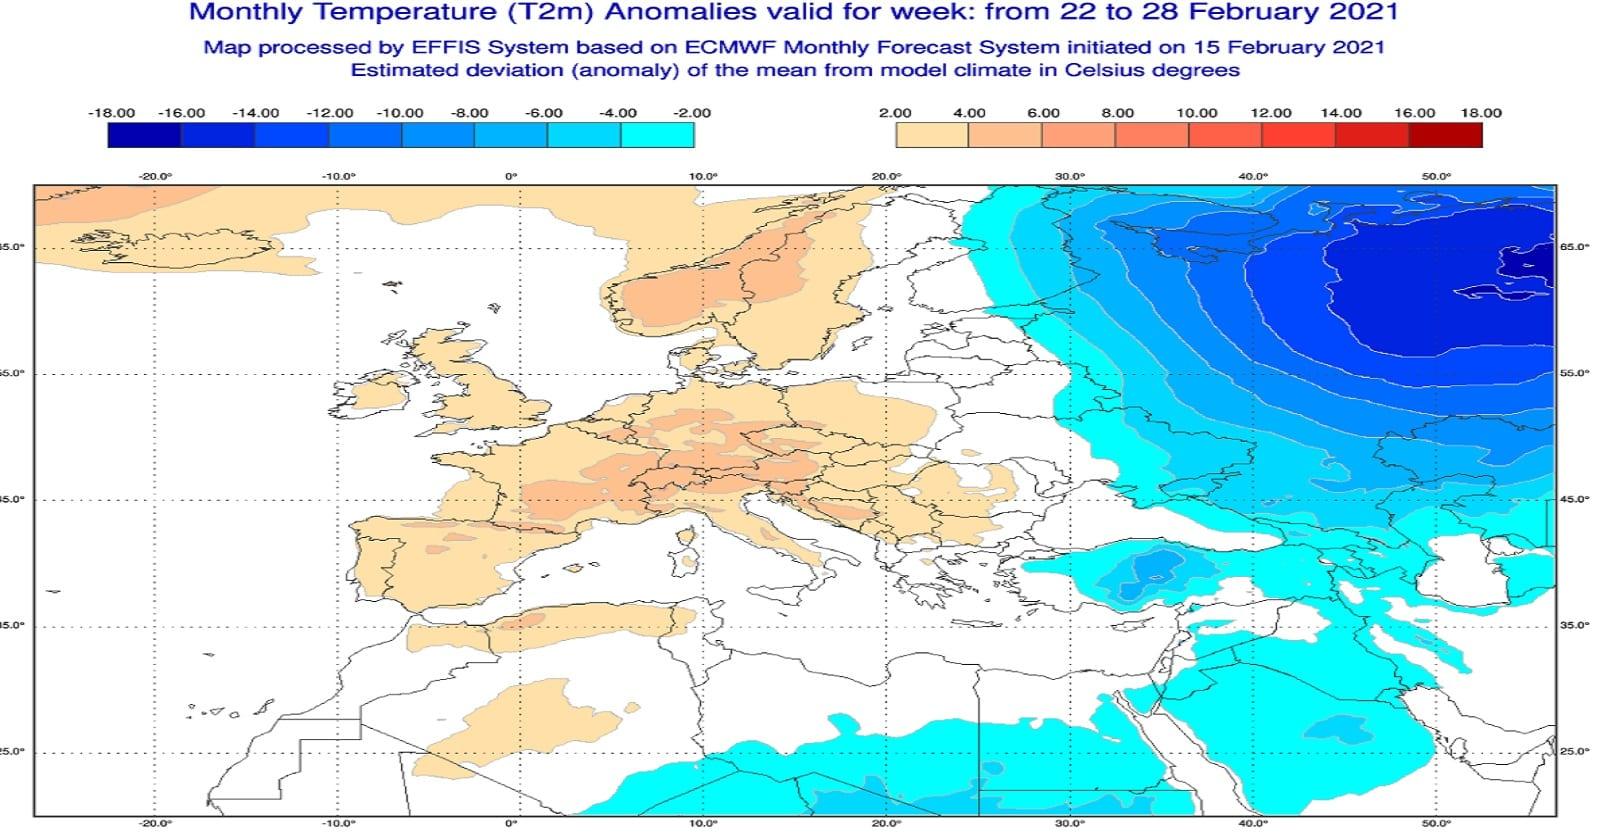 Anomalie di temperatura previste tra il 22 e il 28 febbraio - effis.jrc.ec.europa.eu